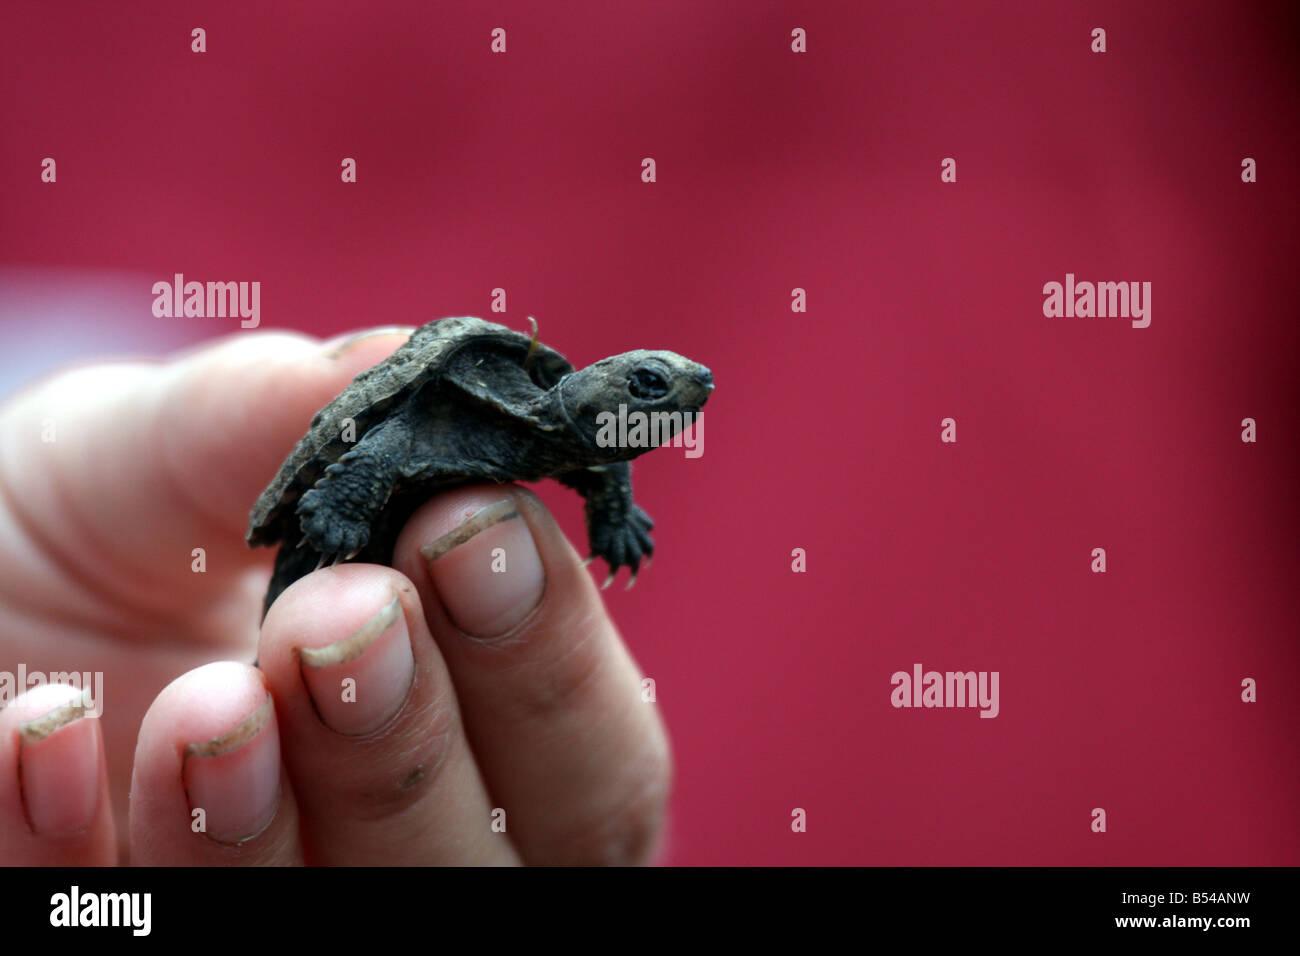 Niedlich Baby Meeresschildkröte Färbung Seite Fotos ...